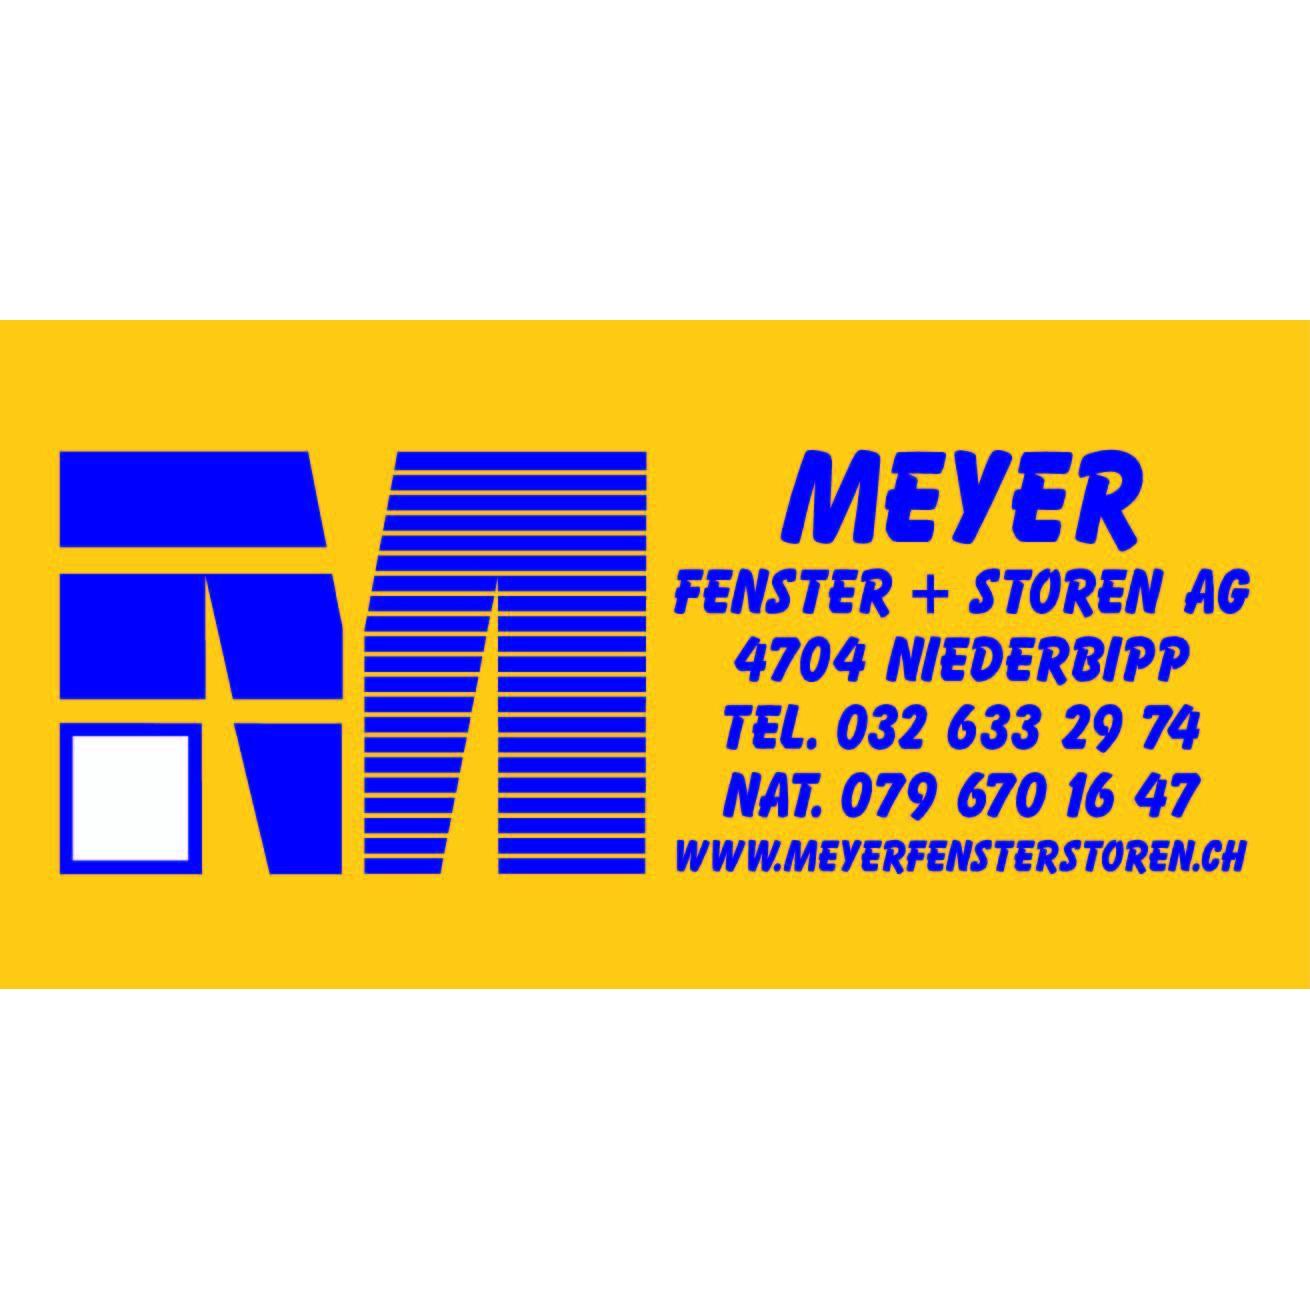 Meyer Fenster + Storen AG